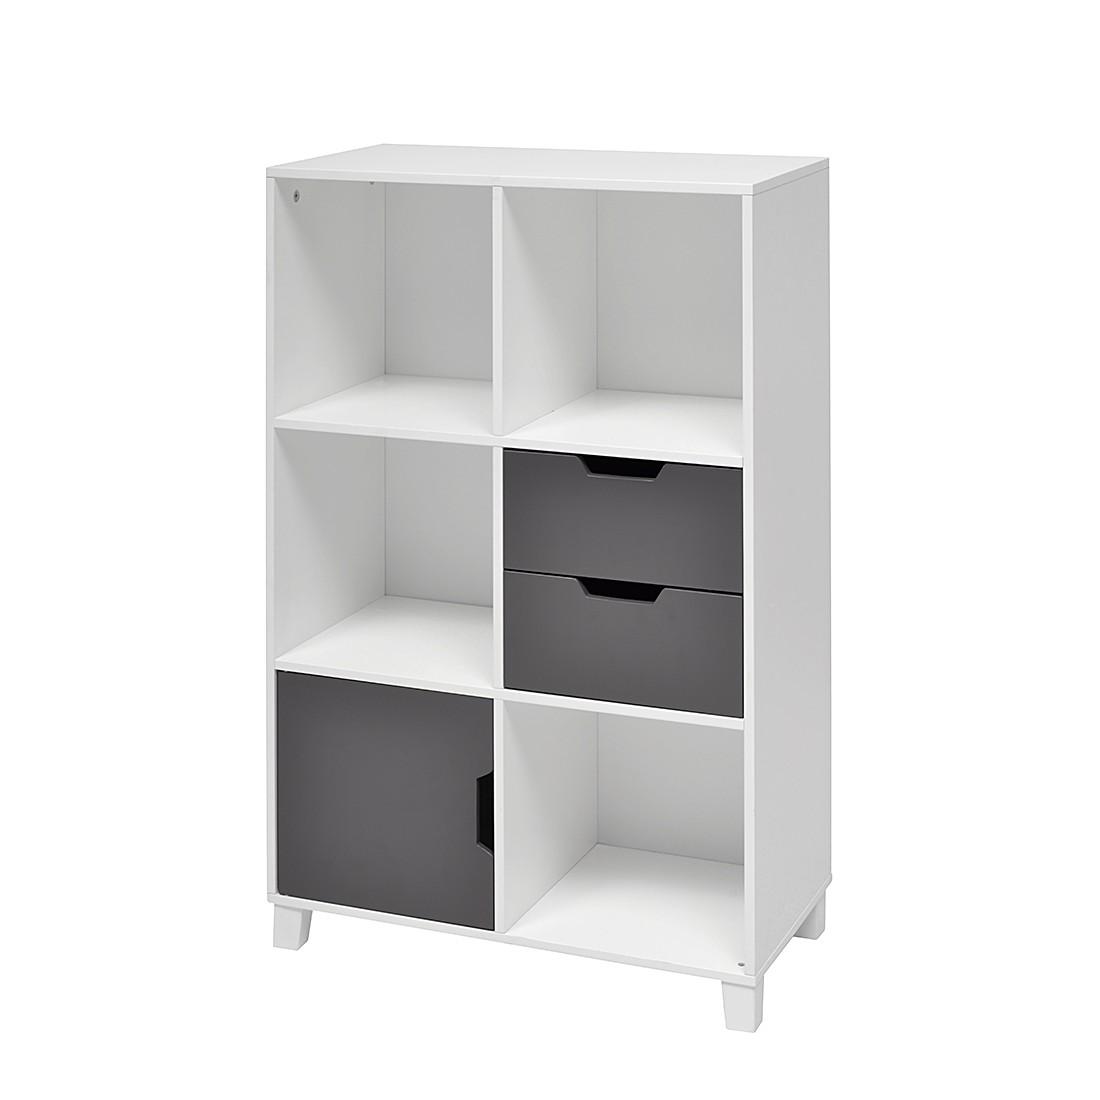 regal 30 cm tief mooved preisvergleiche erfahrungsberichte und. Black Bedroom Furniture Sets. Home Design Ideas